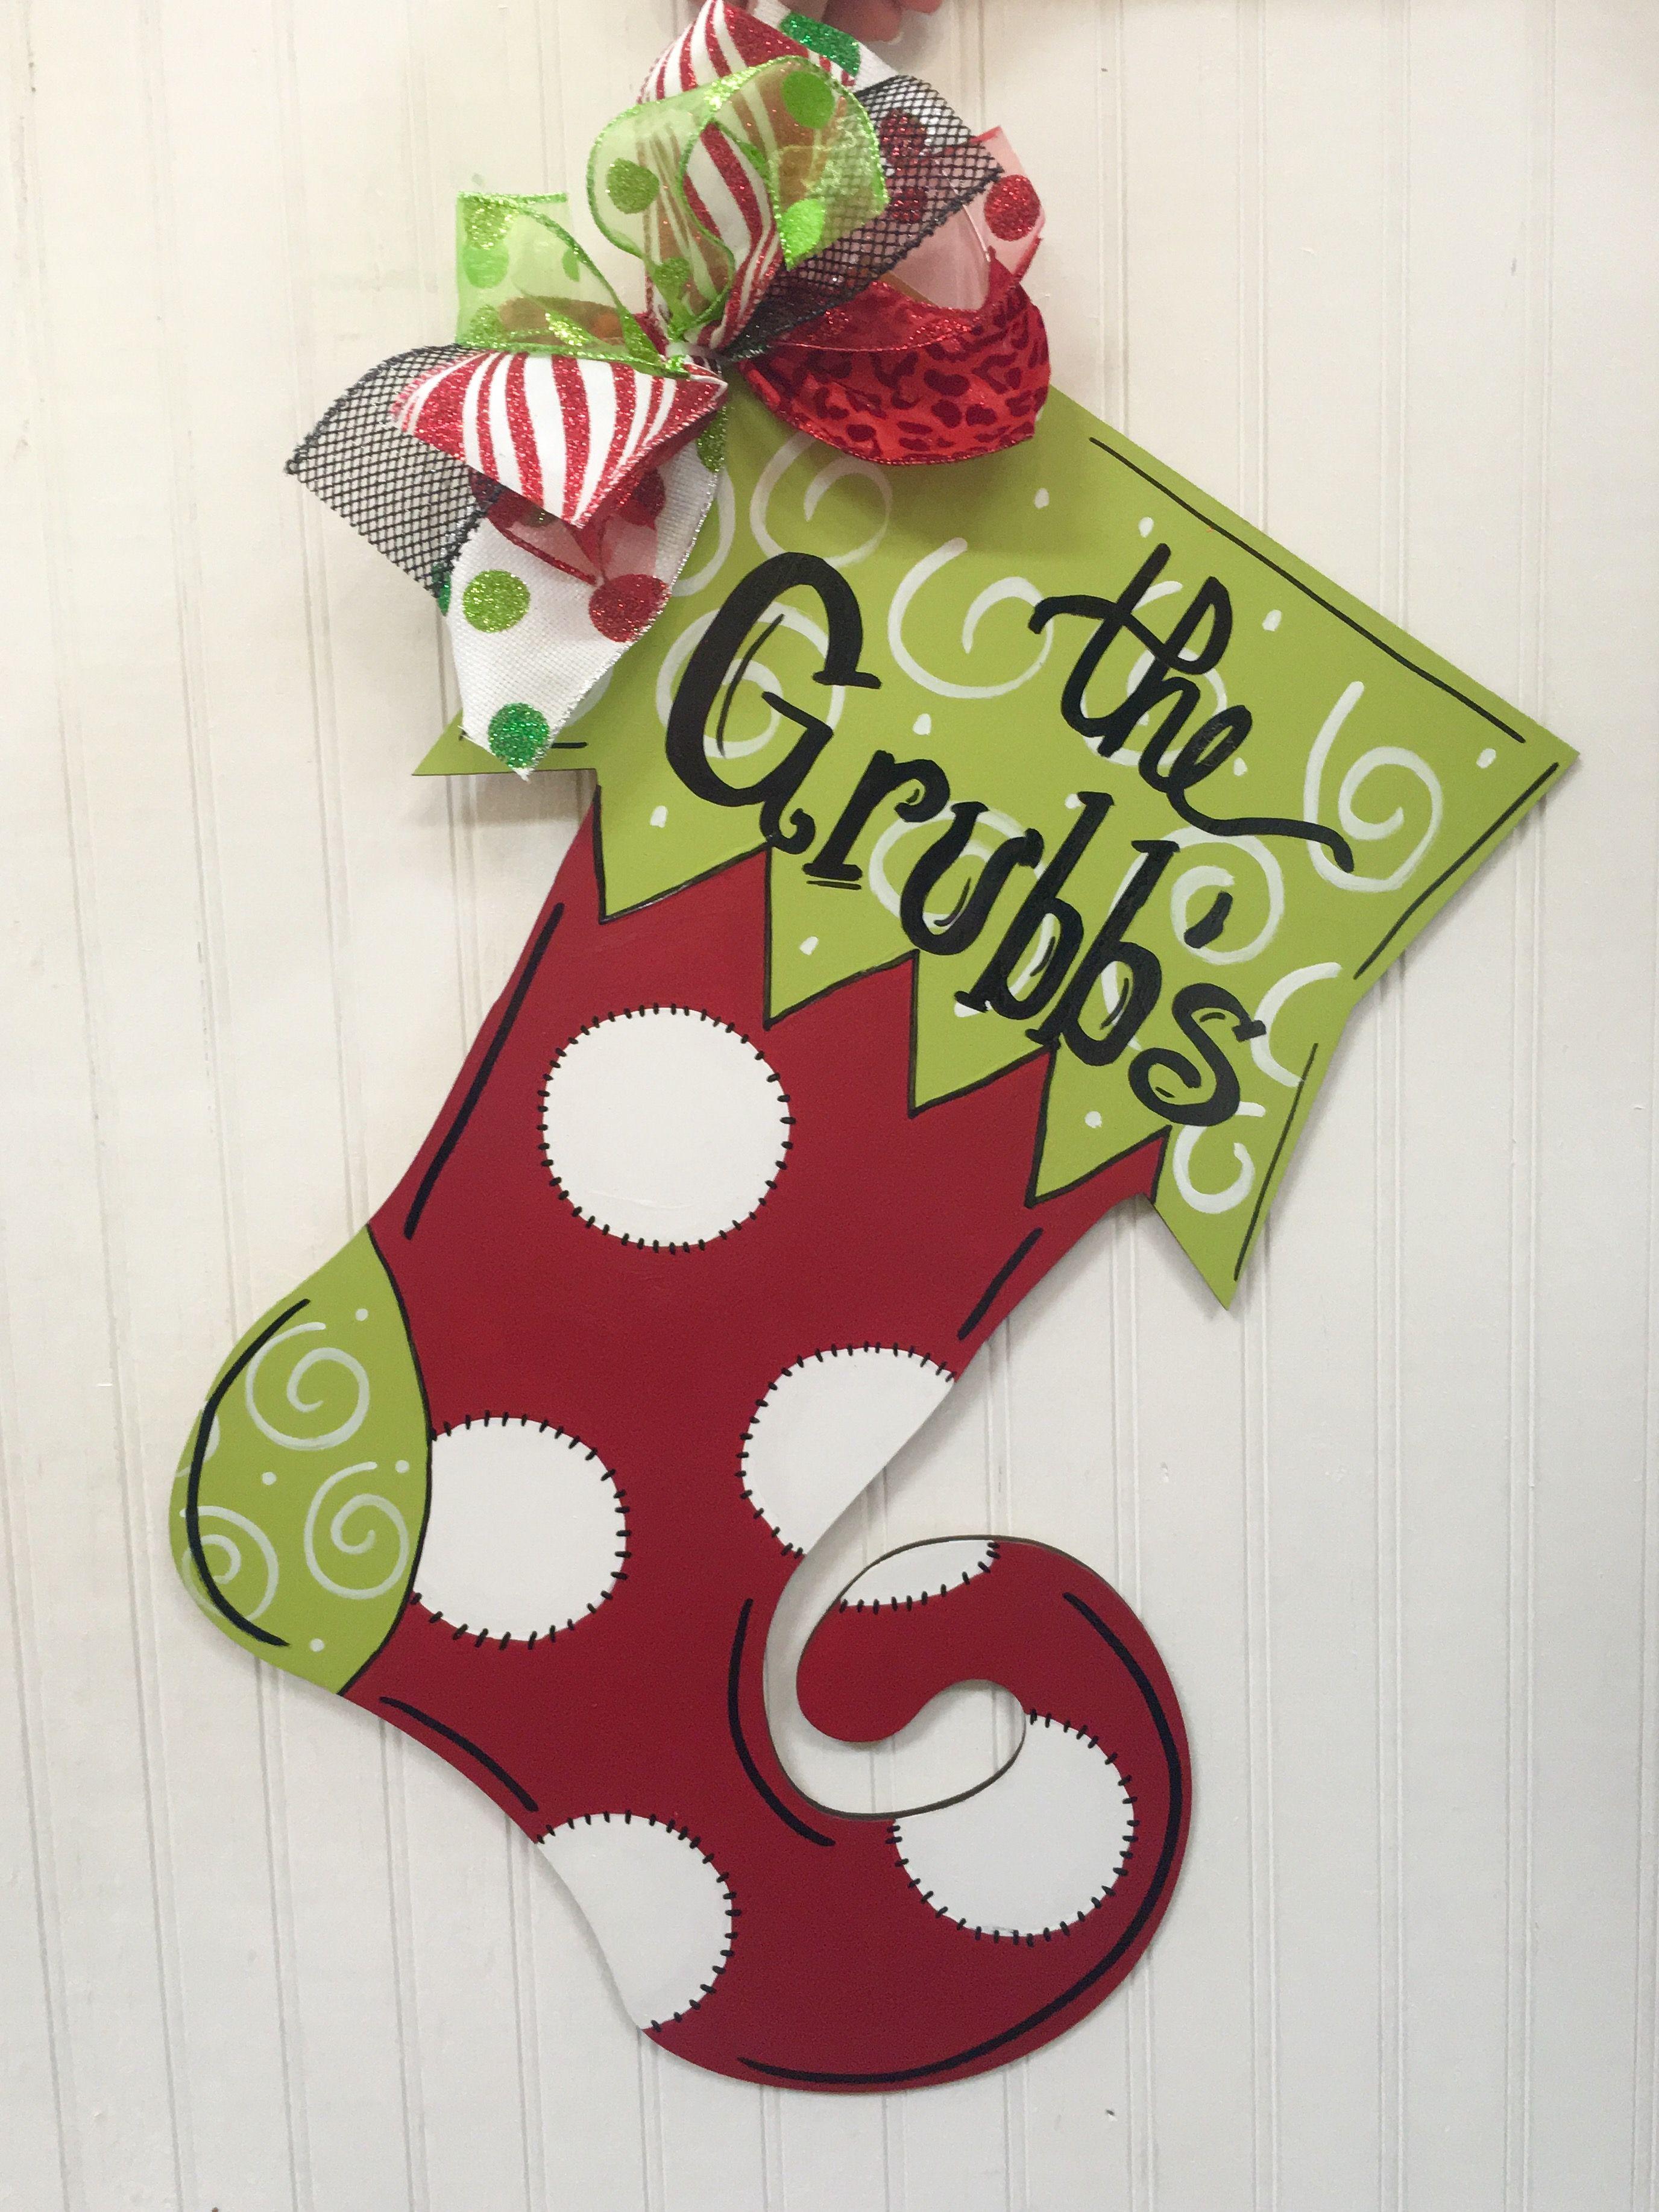 Decorative door hangers craft - Funky Stocking Christmas Door Hanger Craft Night Out Statesville